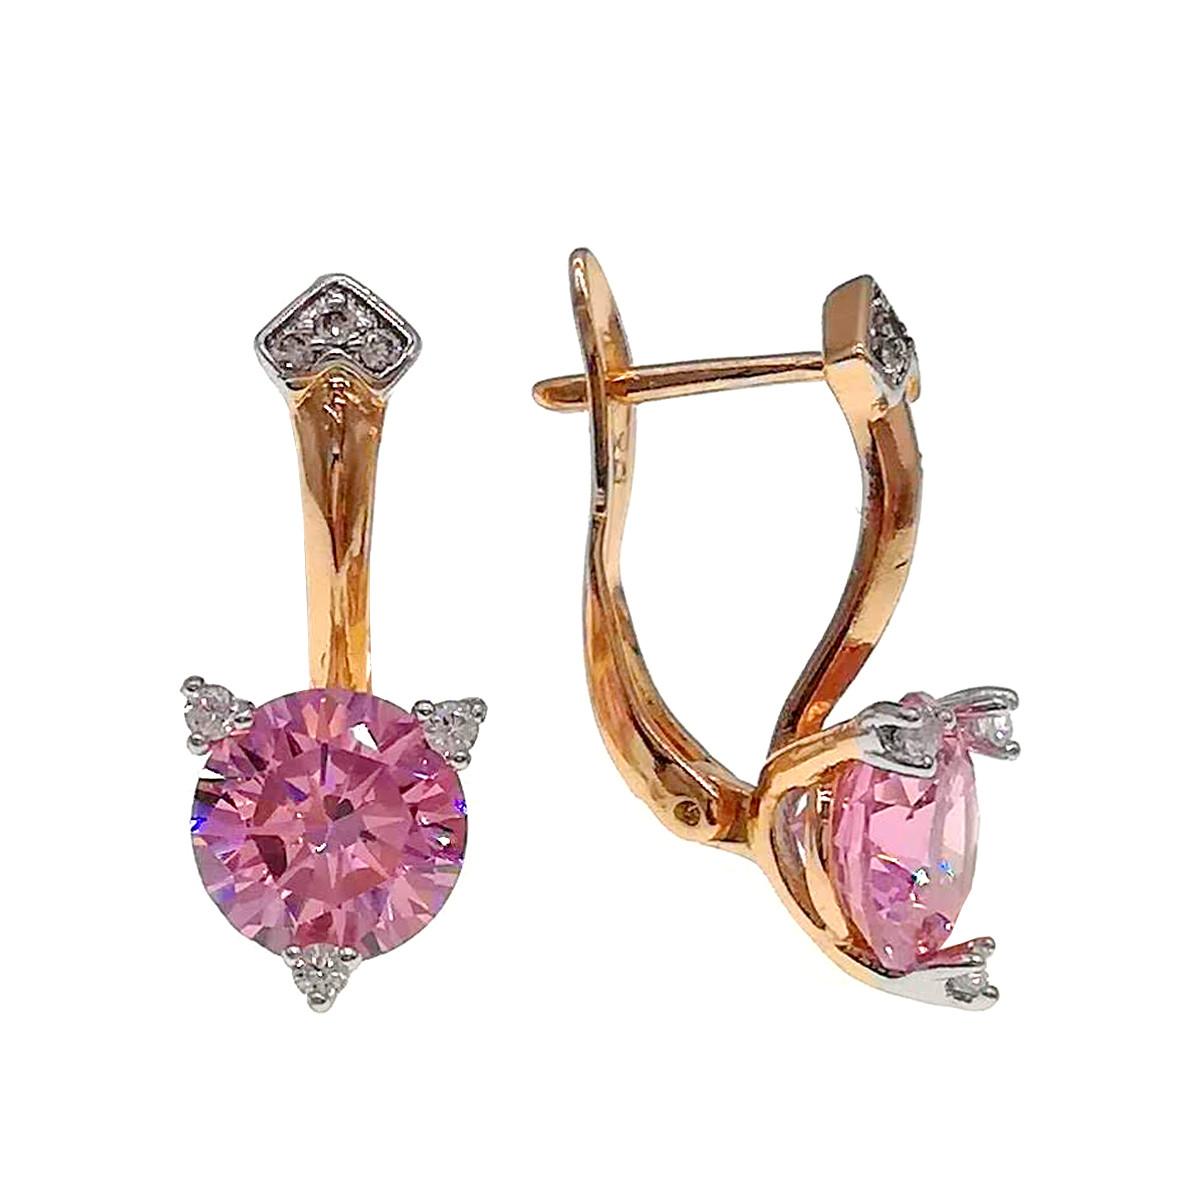 Серьги Xuping из медицинского золота, розовые фианиты, позолота 18К + родий, 24423       (1)